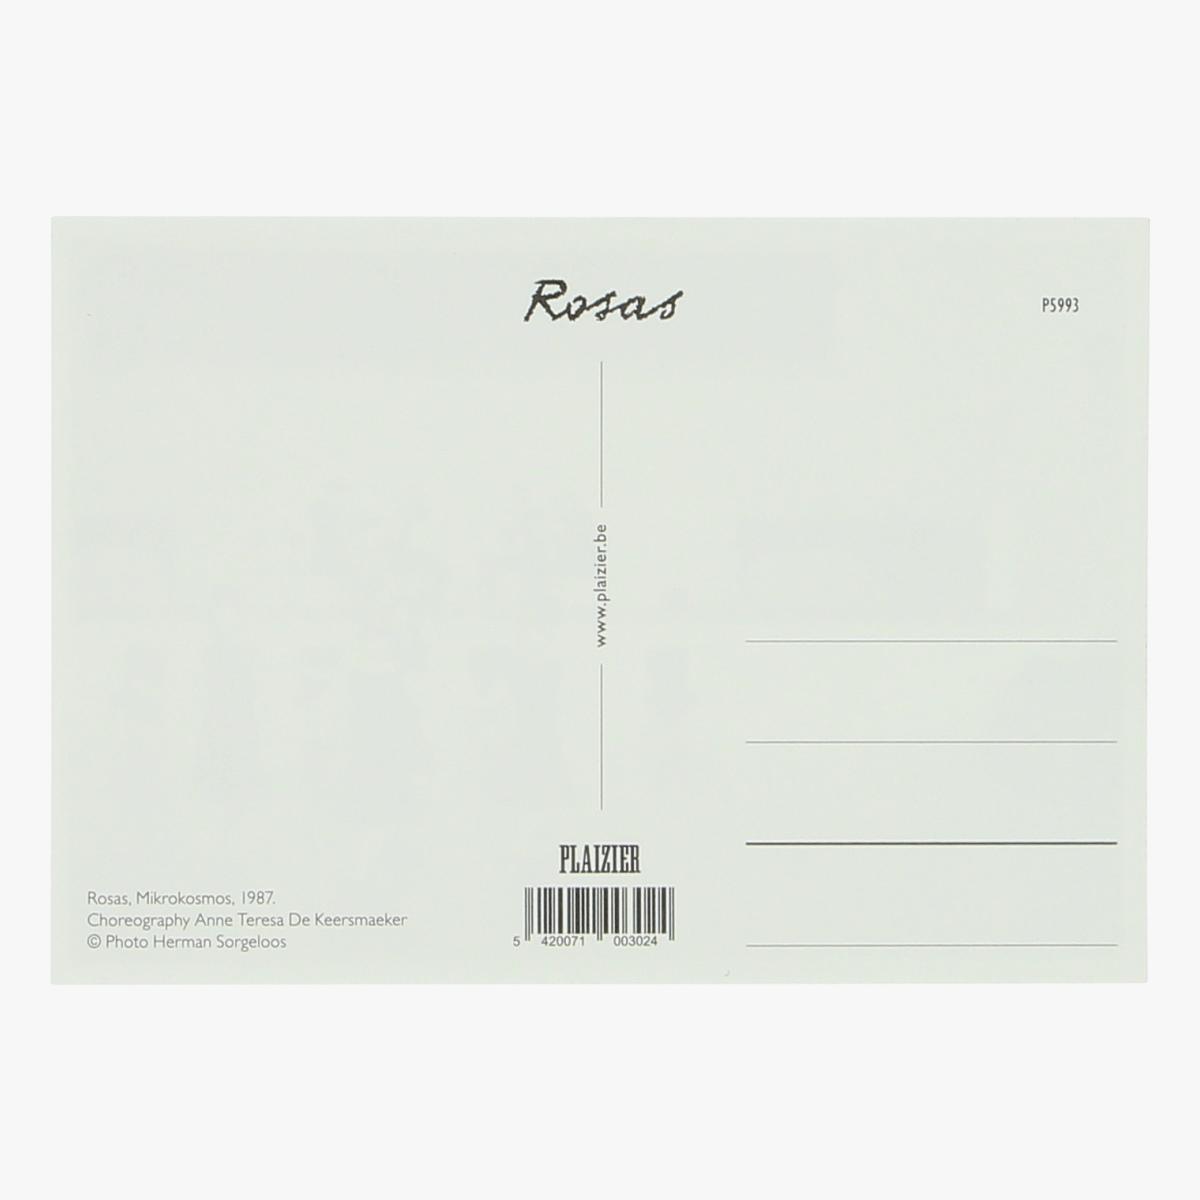 Afbeeldingen van postkaart rosas, Mikrokosmos 1987 repro